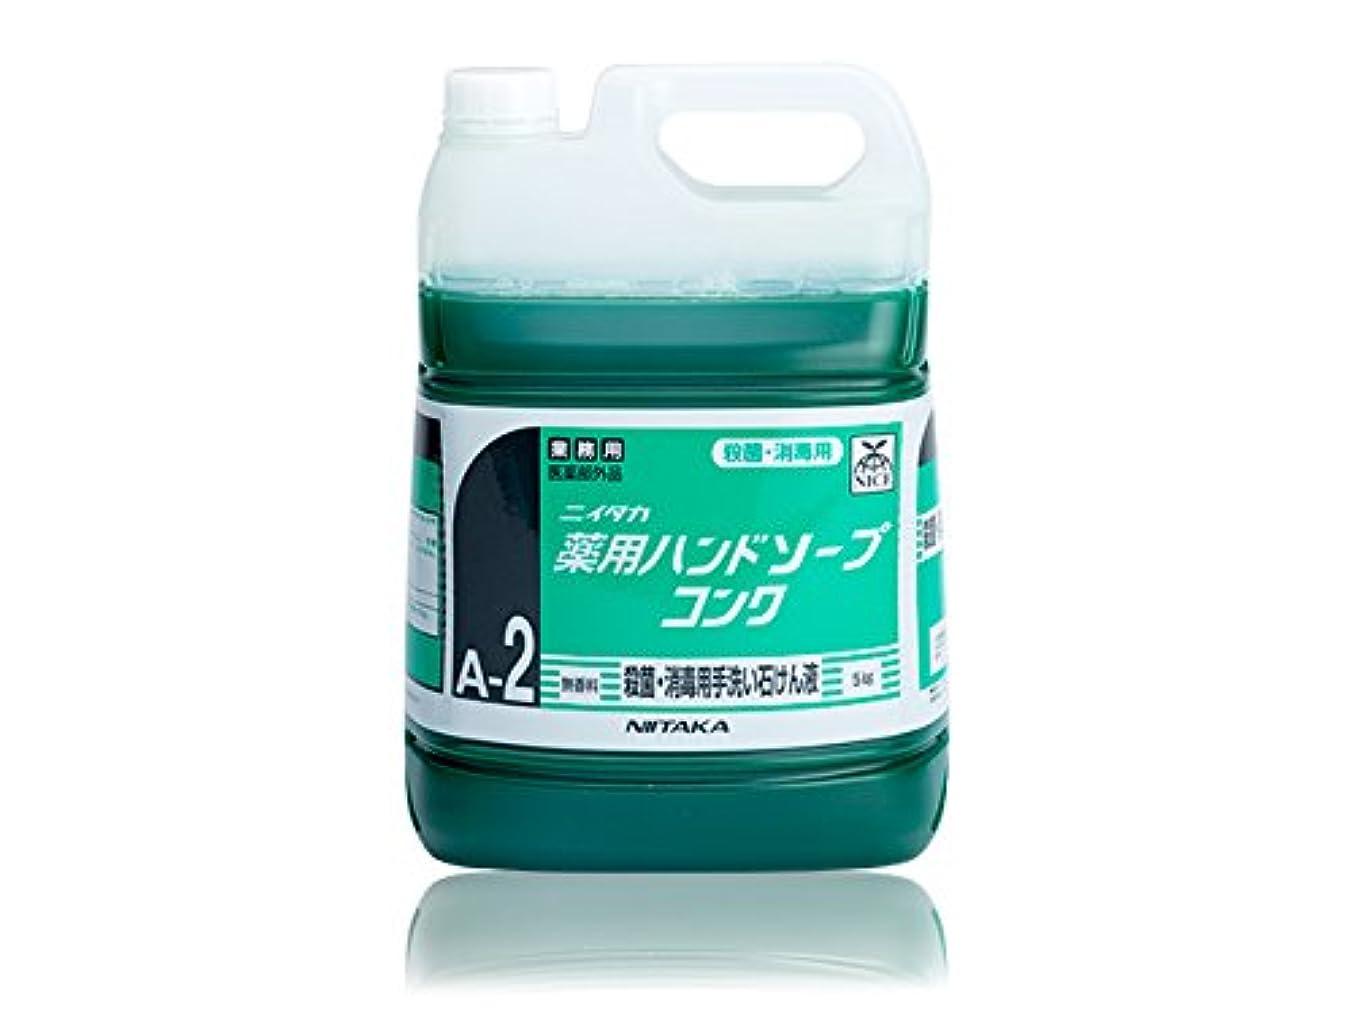 前述の迷路顕微鏡無香料 殺菌?消毒用手洗い石けん液 ニイタカ 薬用ハンドソープコンク 5KX3本